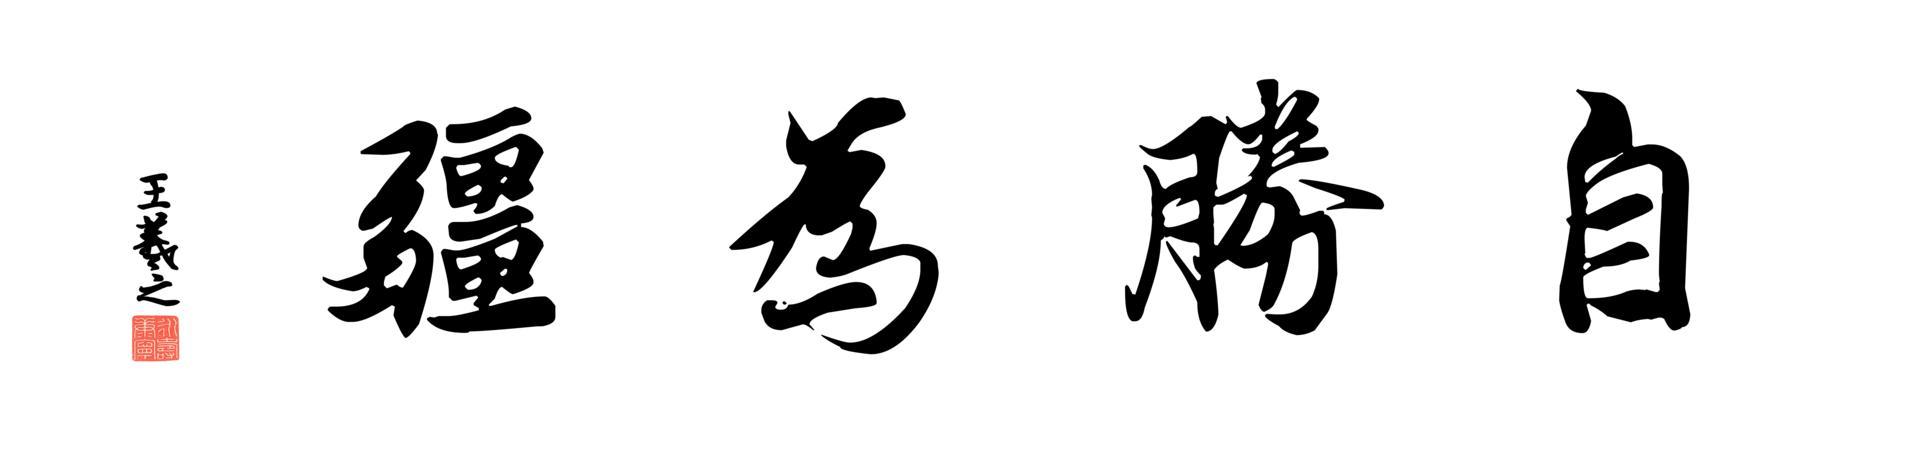 0245_王羲之兰亭体数字书法-四字横幅自胜为疆136x33cm_21417x5197PX_TIF_400DPI_326_0